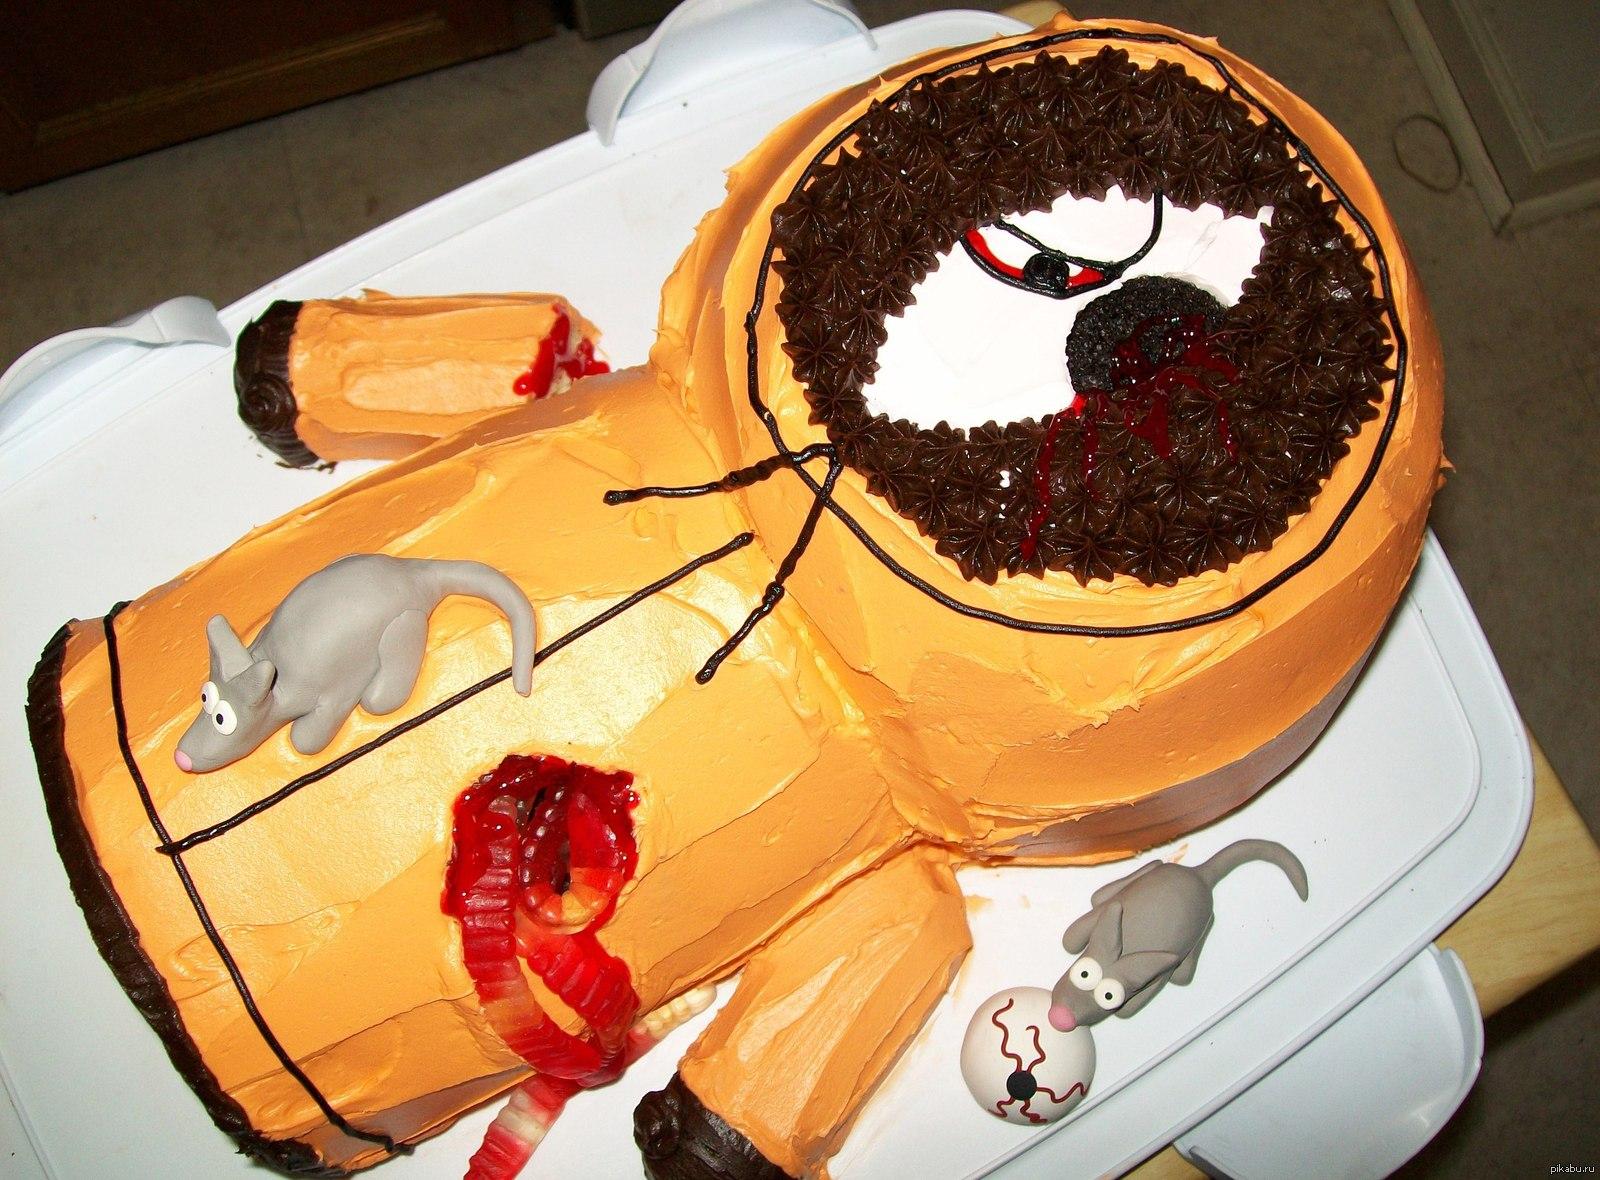 прикольные картинки для оформления торта будут участвовать боевой